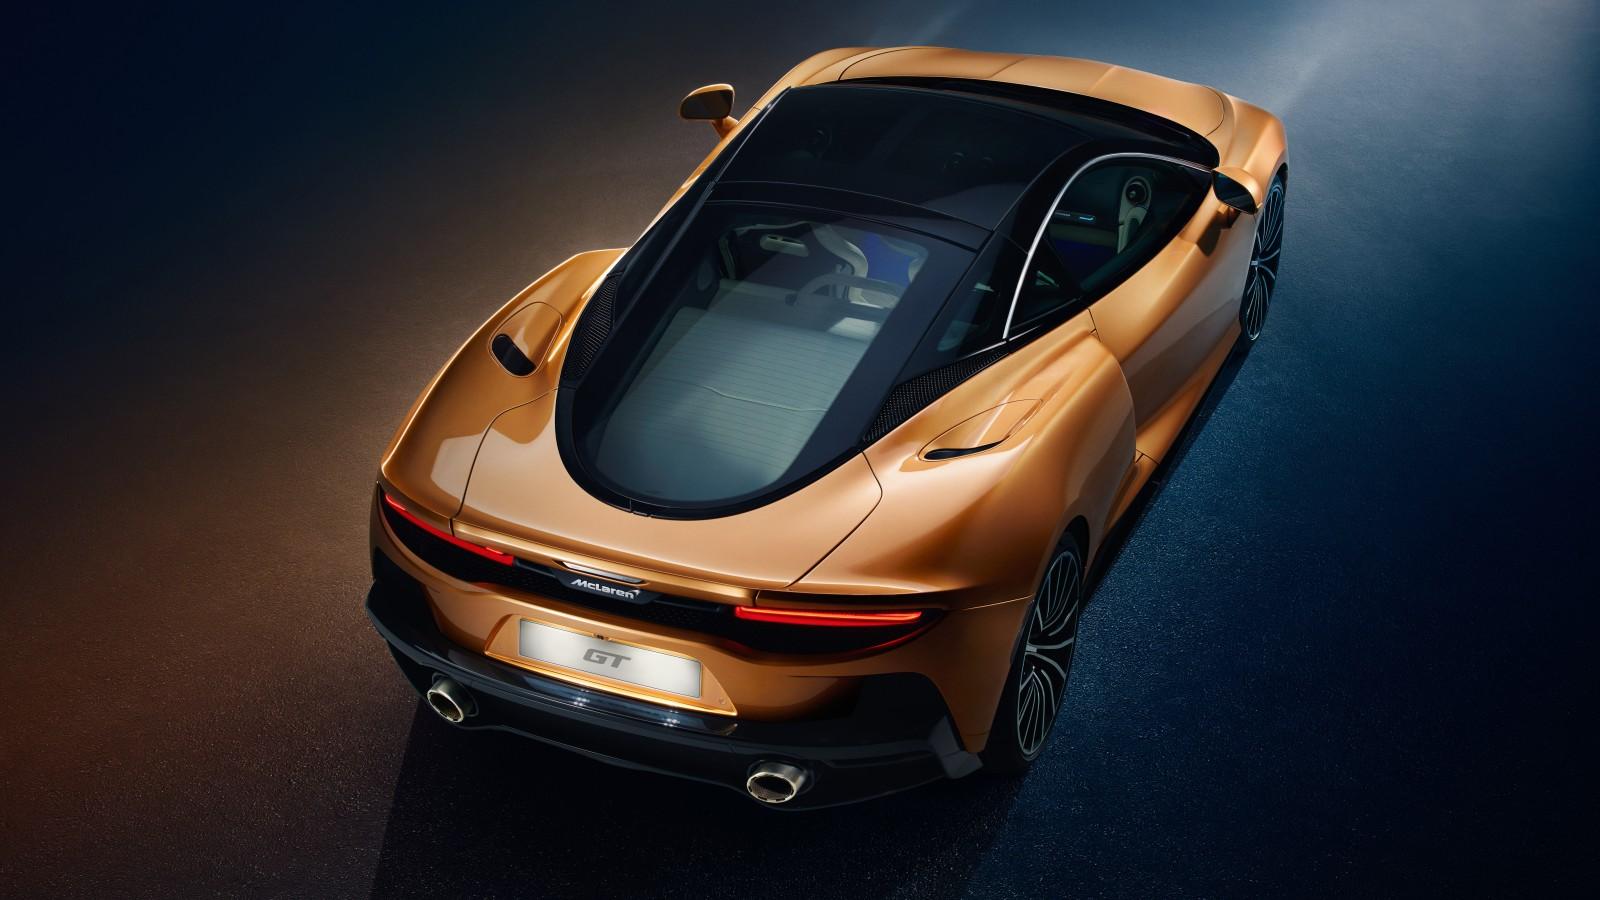 Mclaren Gt Superlight 2019 4k 8k 2 Wallpaper Hd Car